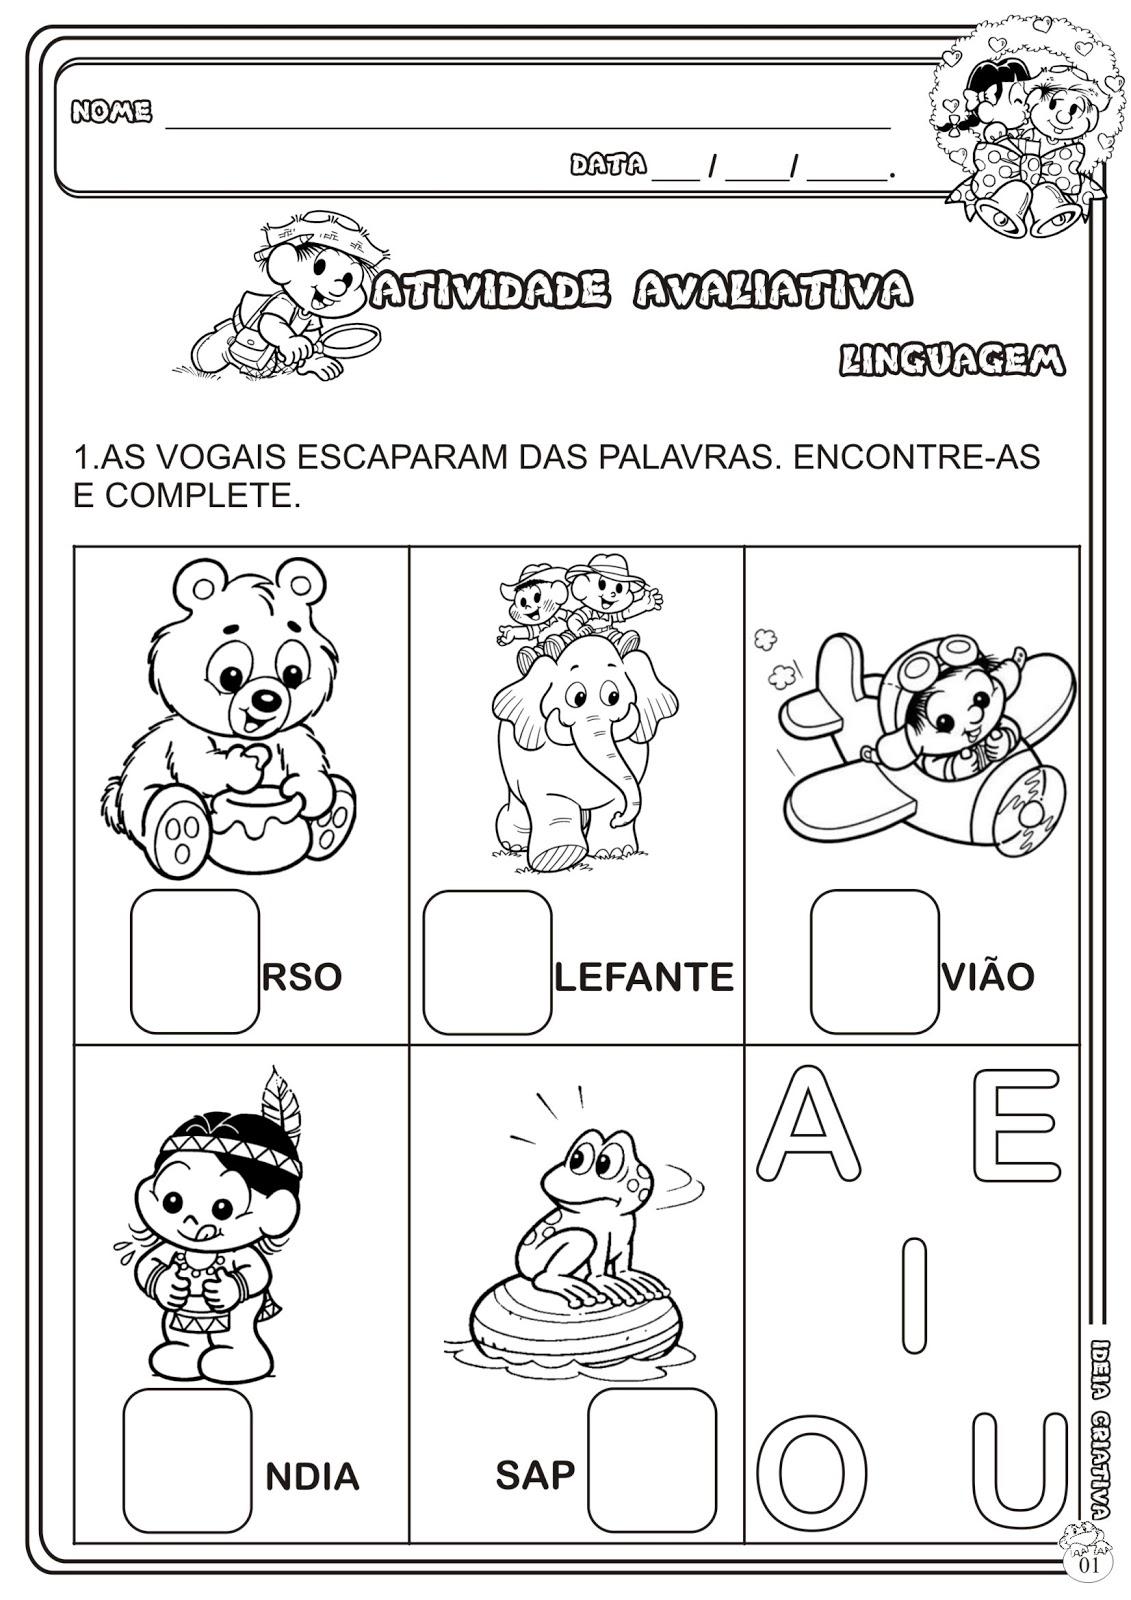 Top Atividade Avaliativa Educação Infantil | Ideia Criativa - Gi  HD27